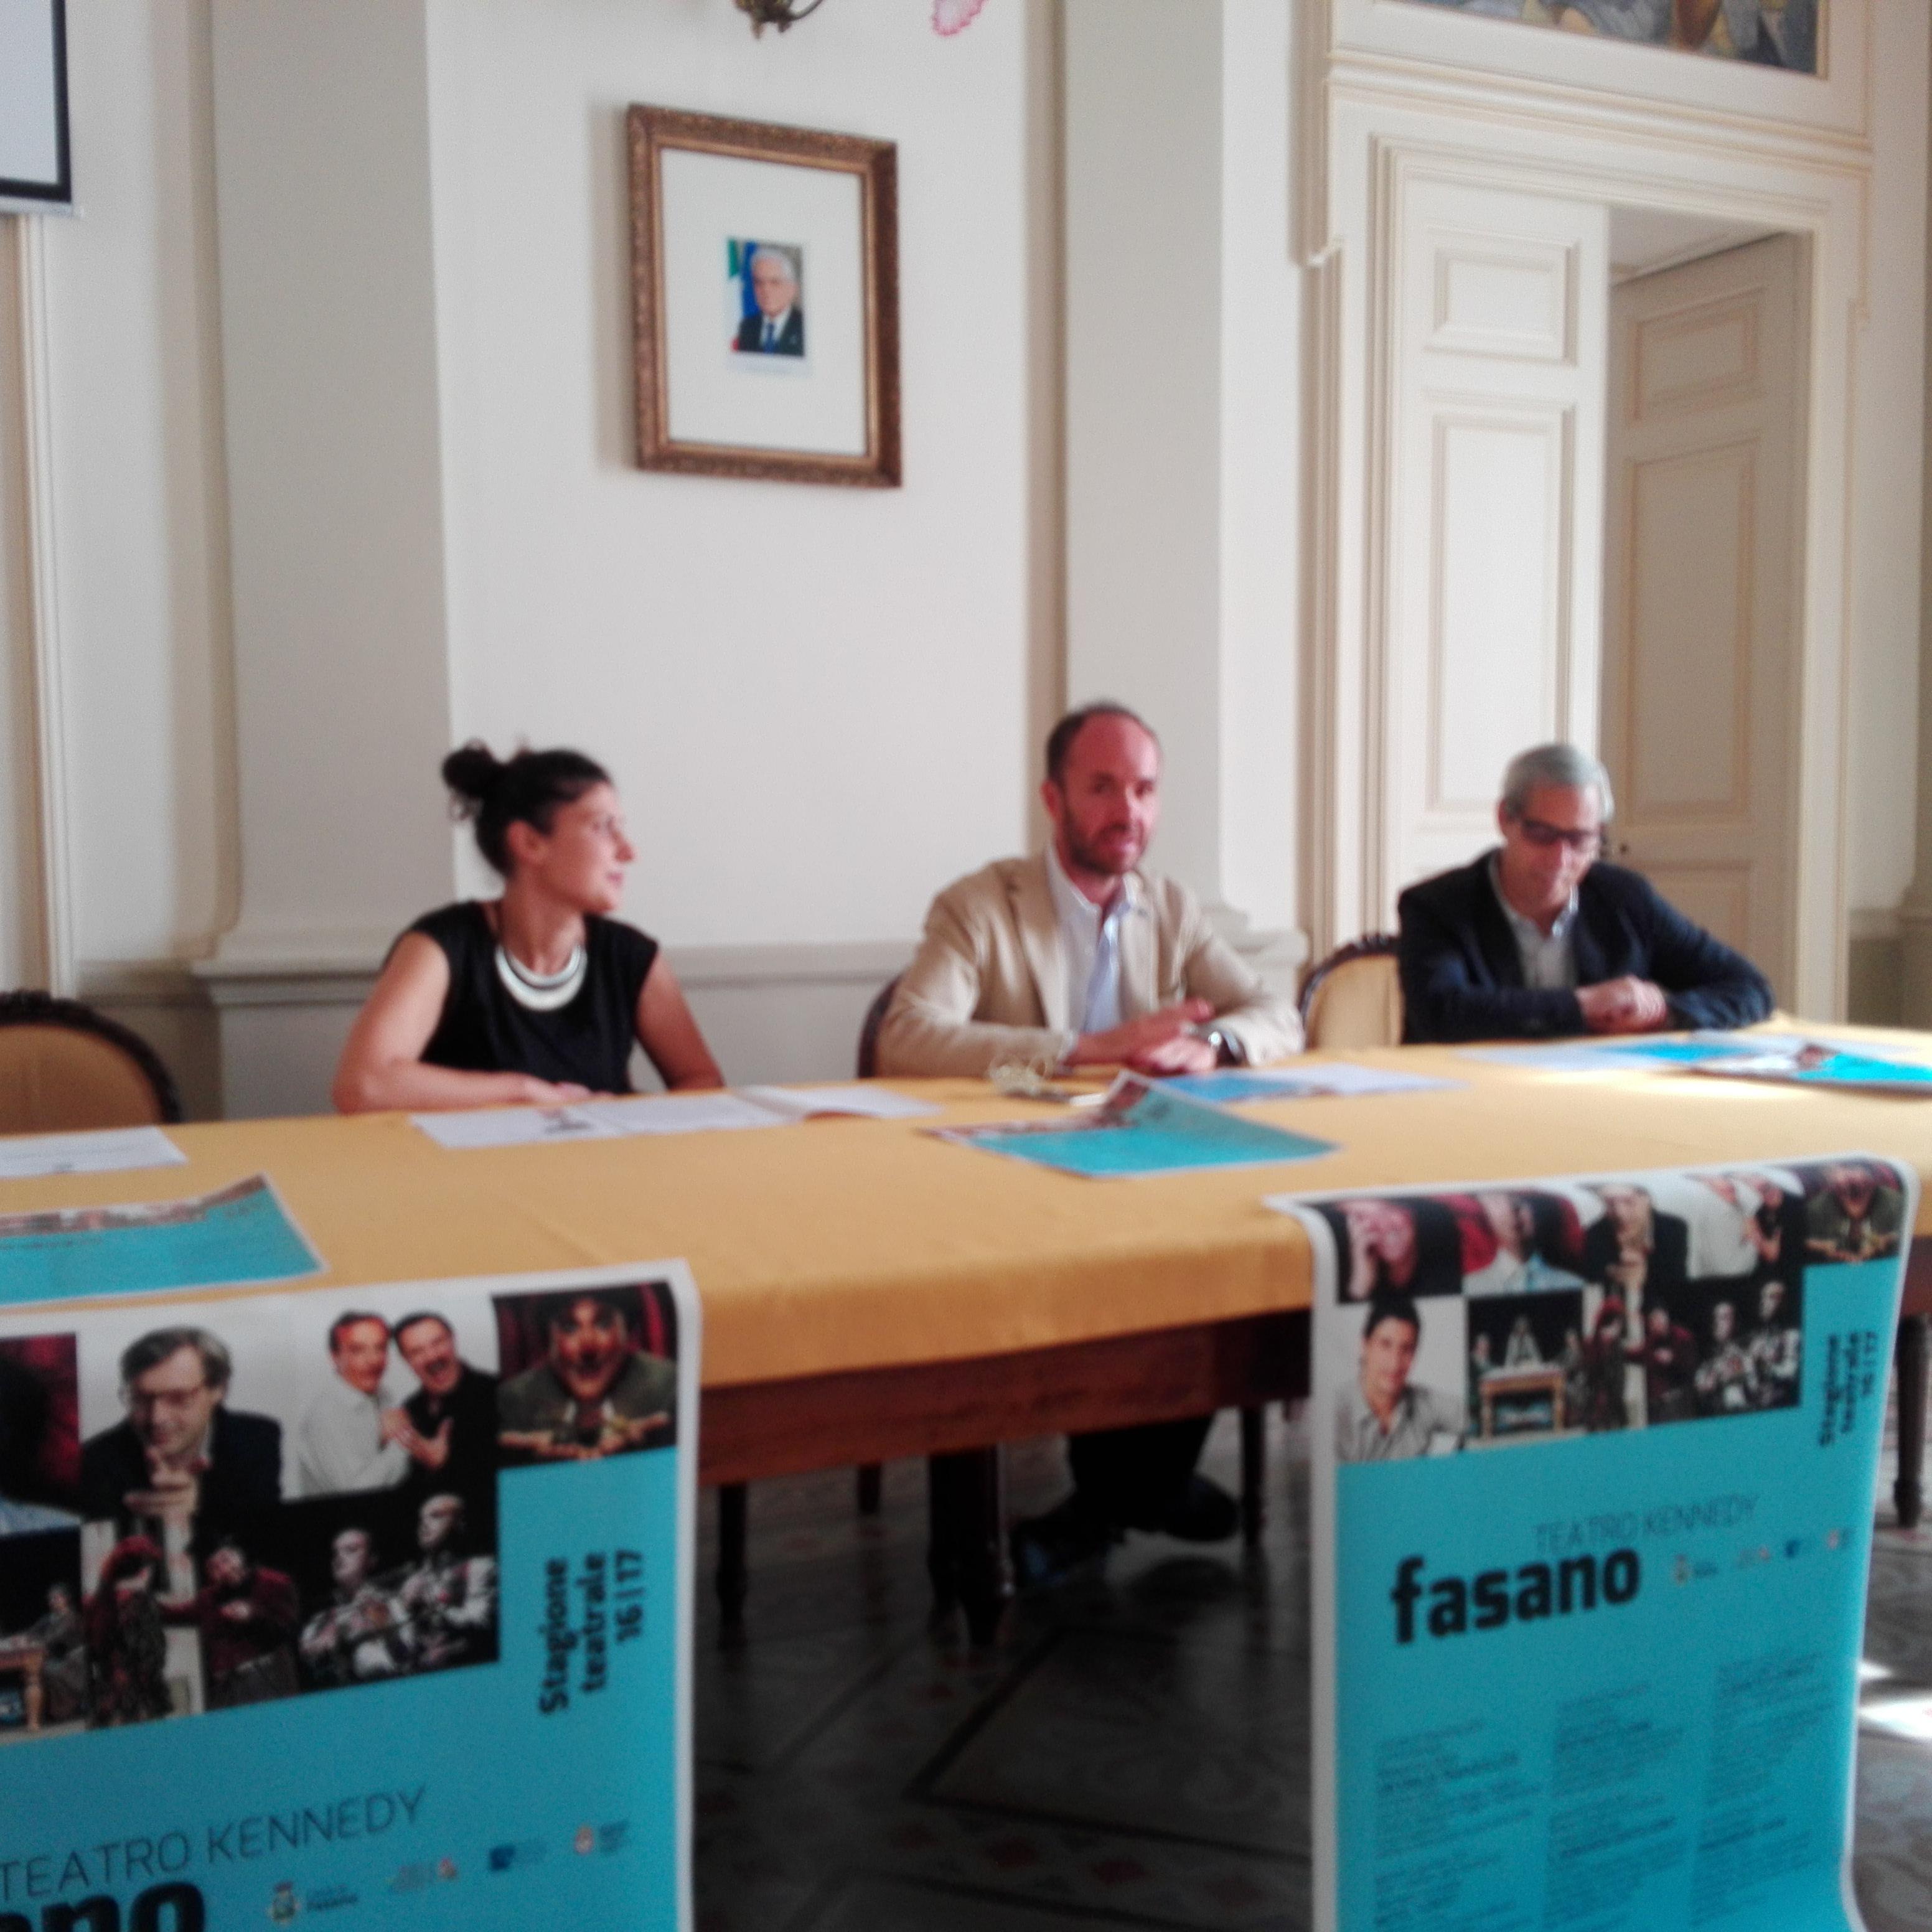 Comune di fasano br stagione teatrale 2016 2017 nove for Angelini arredamenti fasano